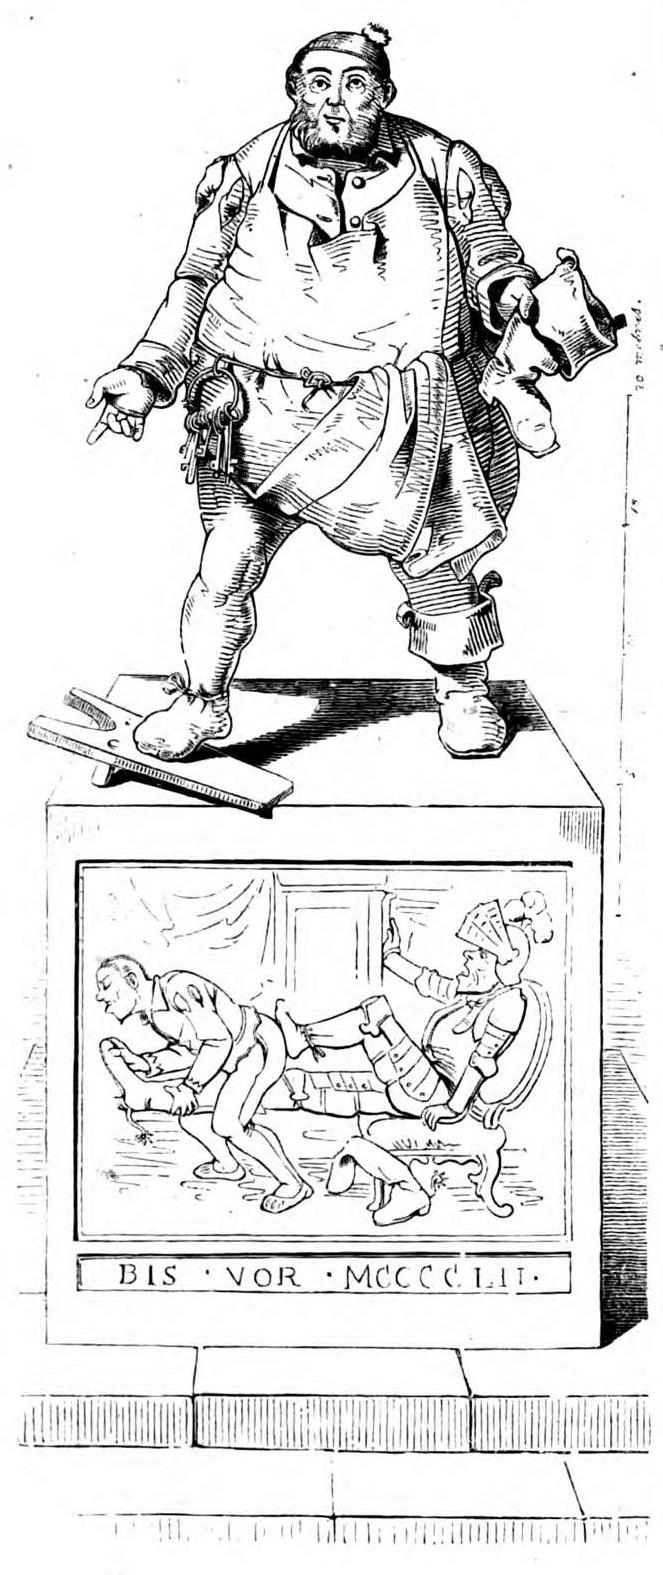 Stiefelknecht, Karikatur von Carl Spitzweg in der Wochenschrift Fliegende Blätter, 1845